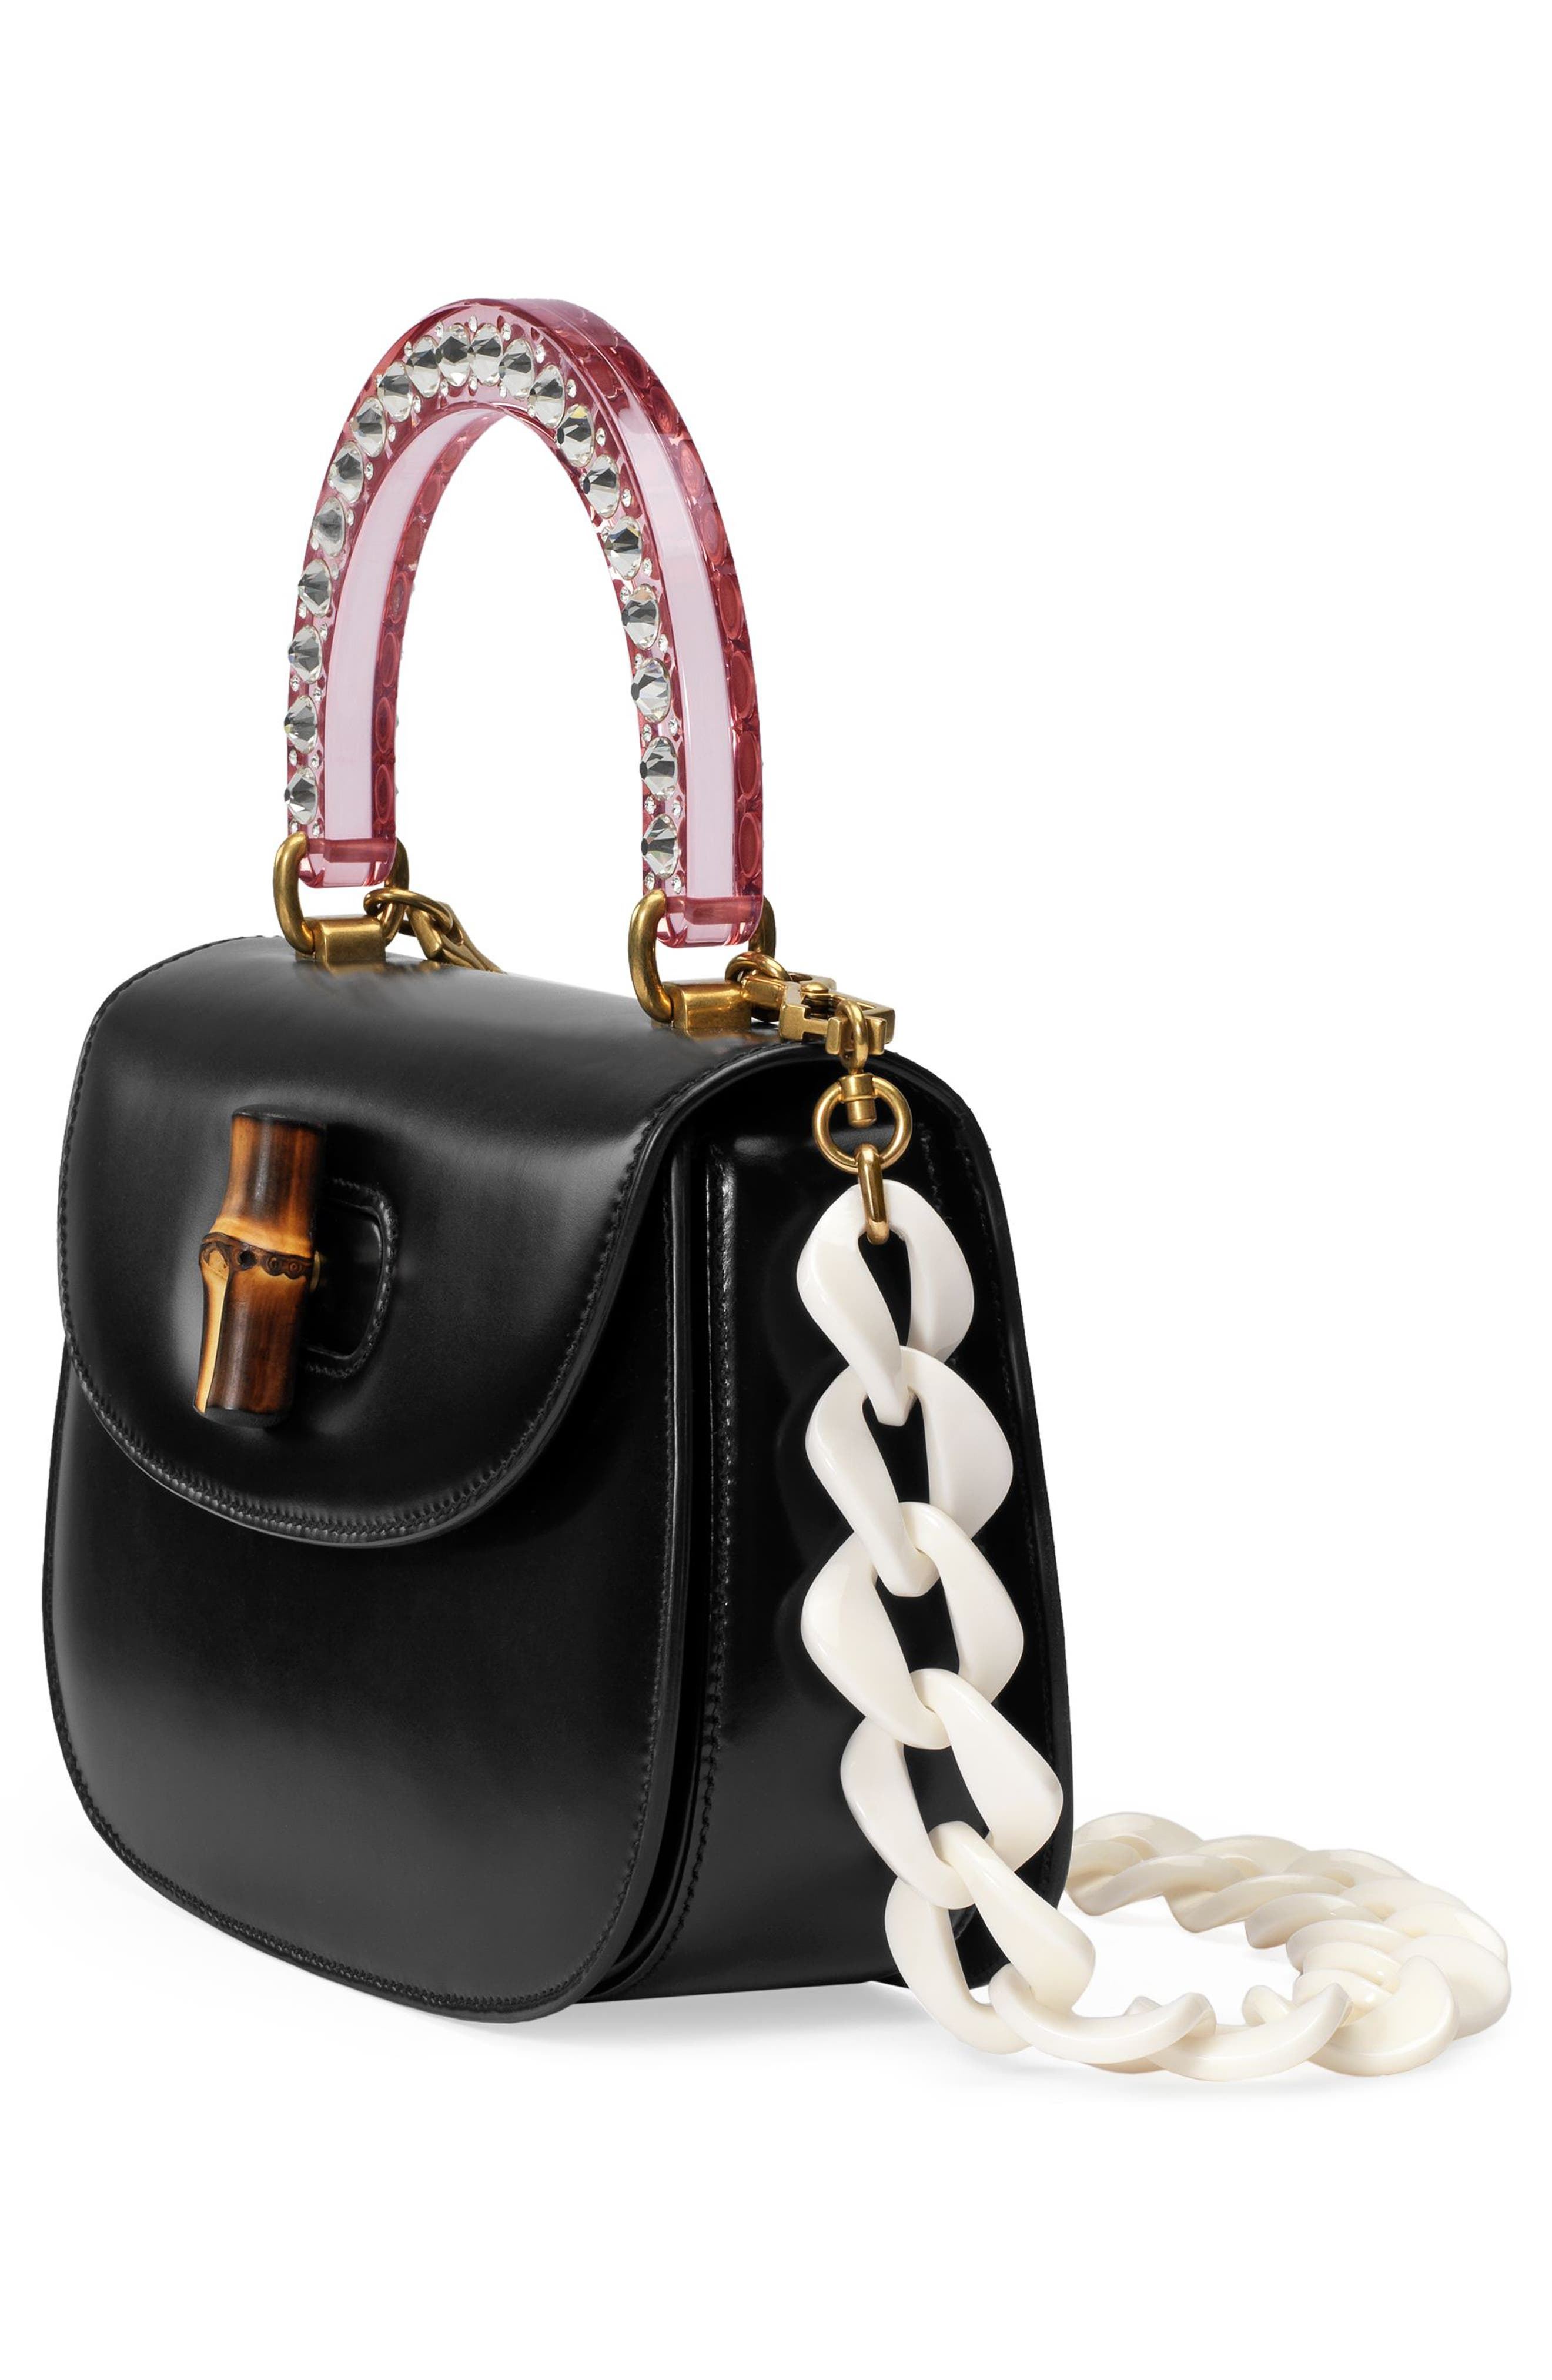 Medium Classic 2 Top Handle Shoulder Bag,                             Alternate thumbnail 5, color,                             NERO/ ROSE CRYSTAL